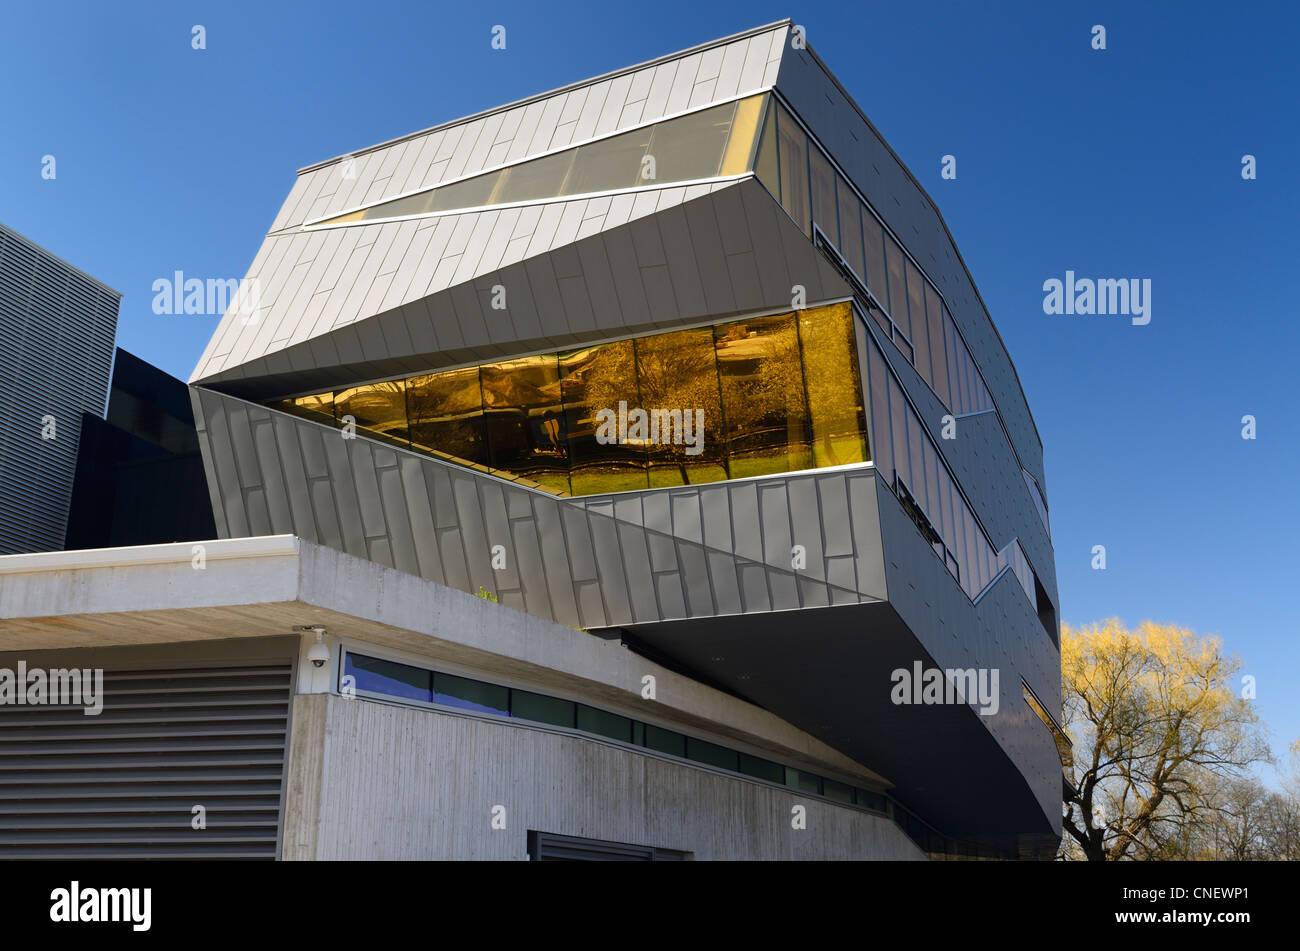 Futuristische architektur des perimeter institute theoretische physik forschung geb ude spiegelt - Futuristische architektur ...